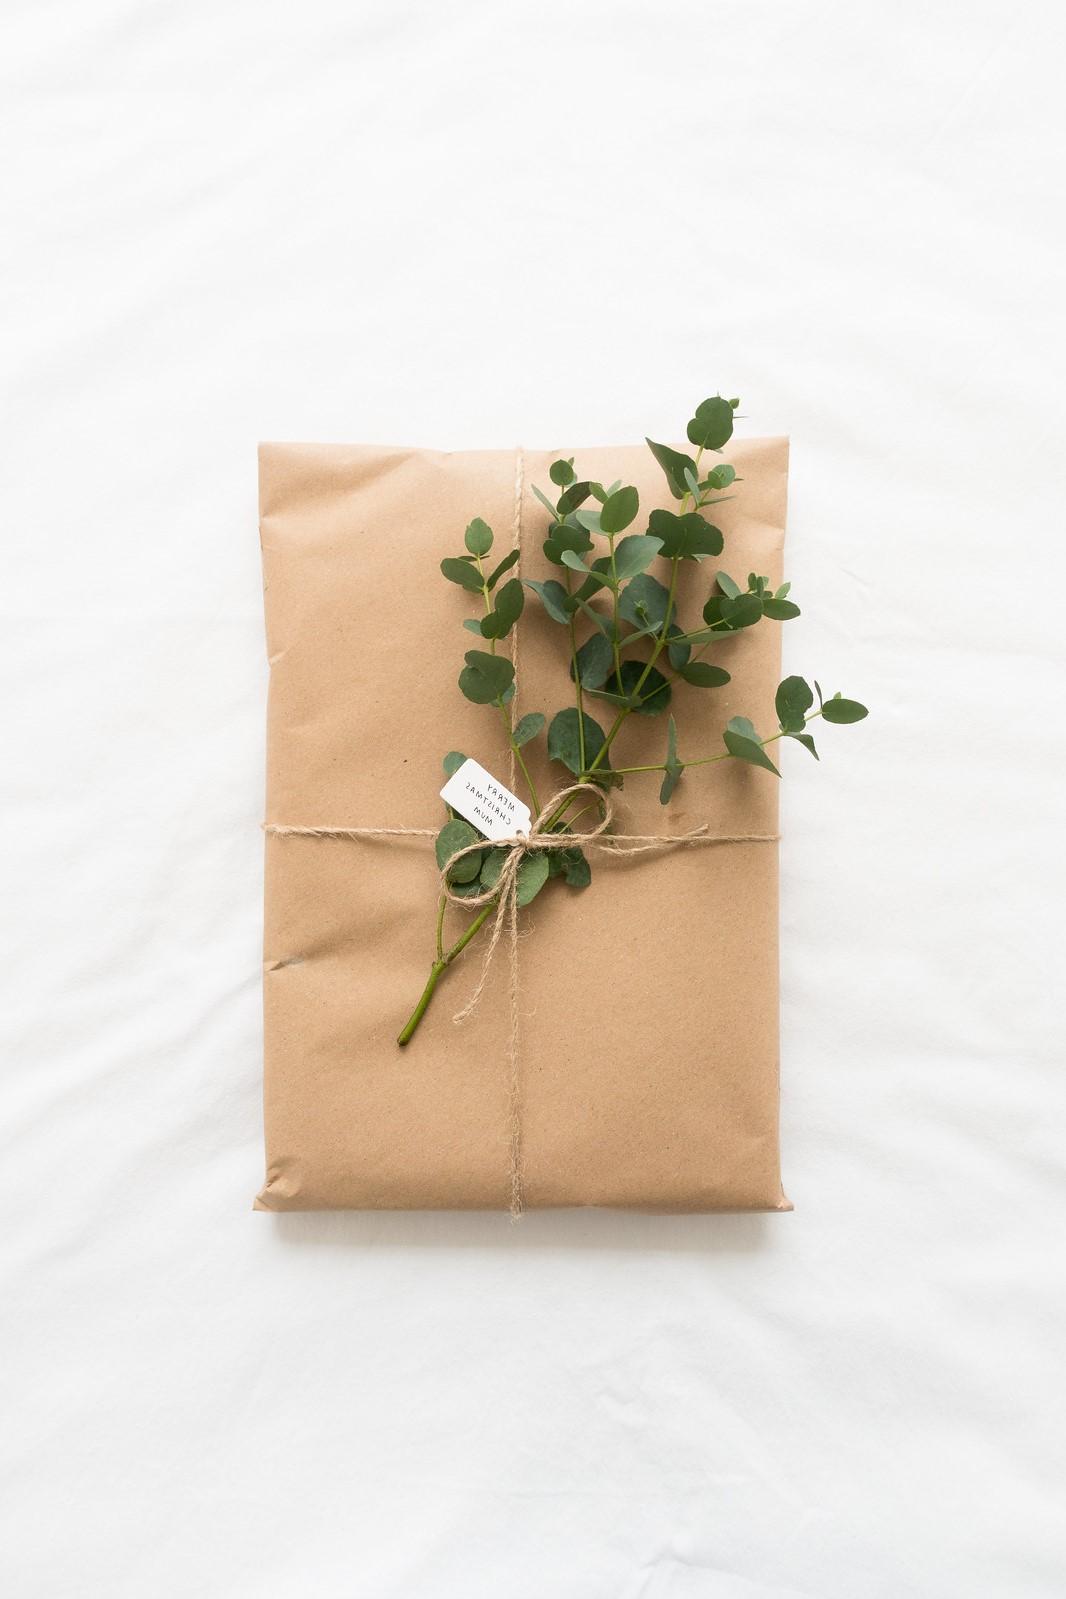 Noël zéro déchet: le papier recyclé et la verdure sont une combinaison parfaite pour l'emballage des cadeaux.